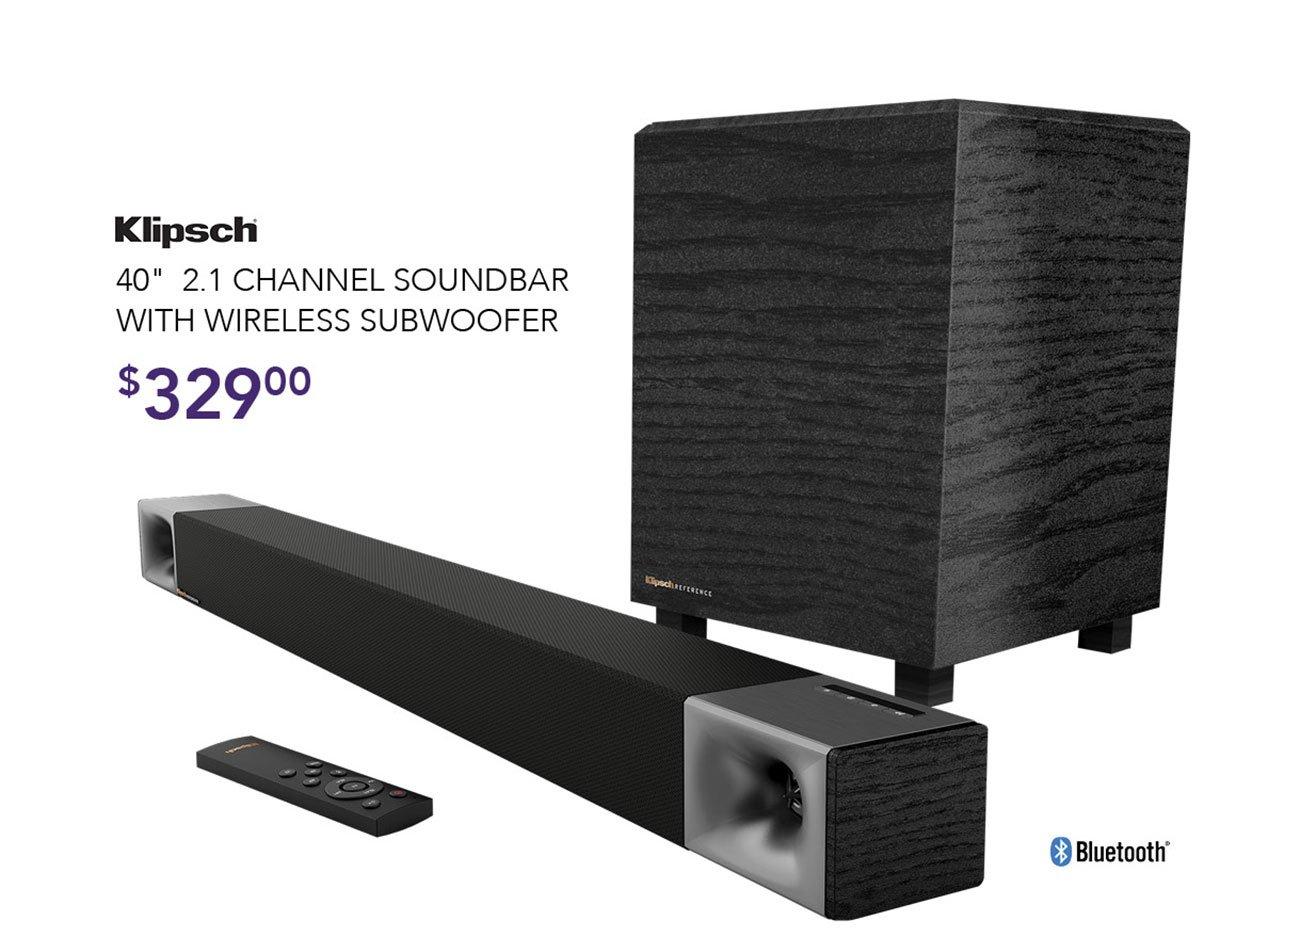 Klipsch-soundbar-with-subwoofer